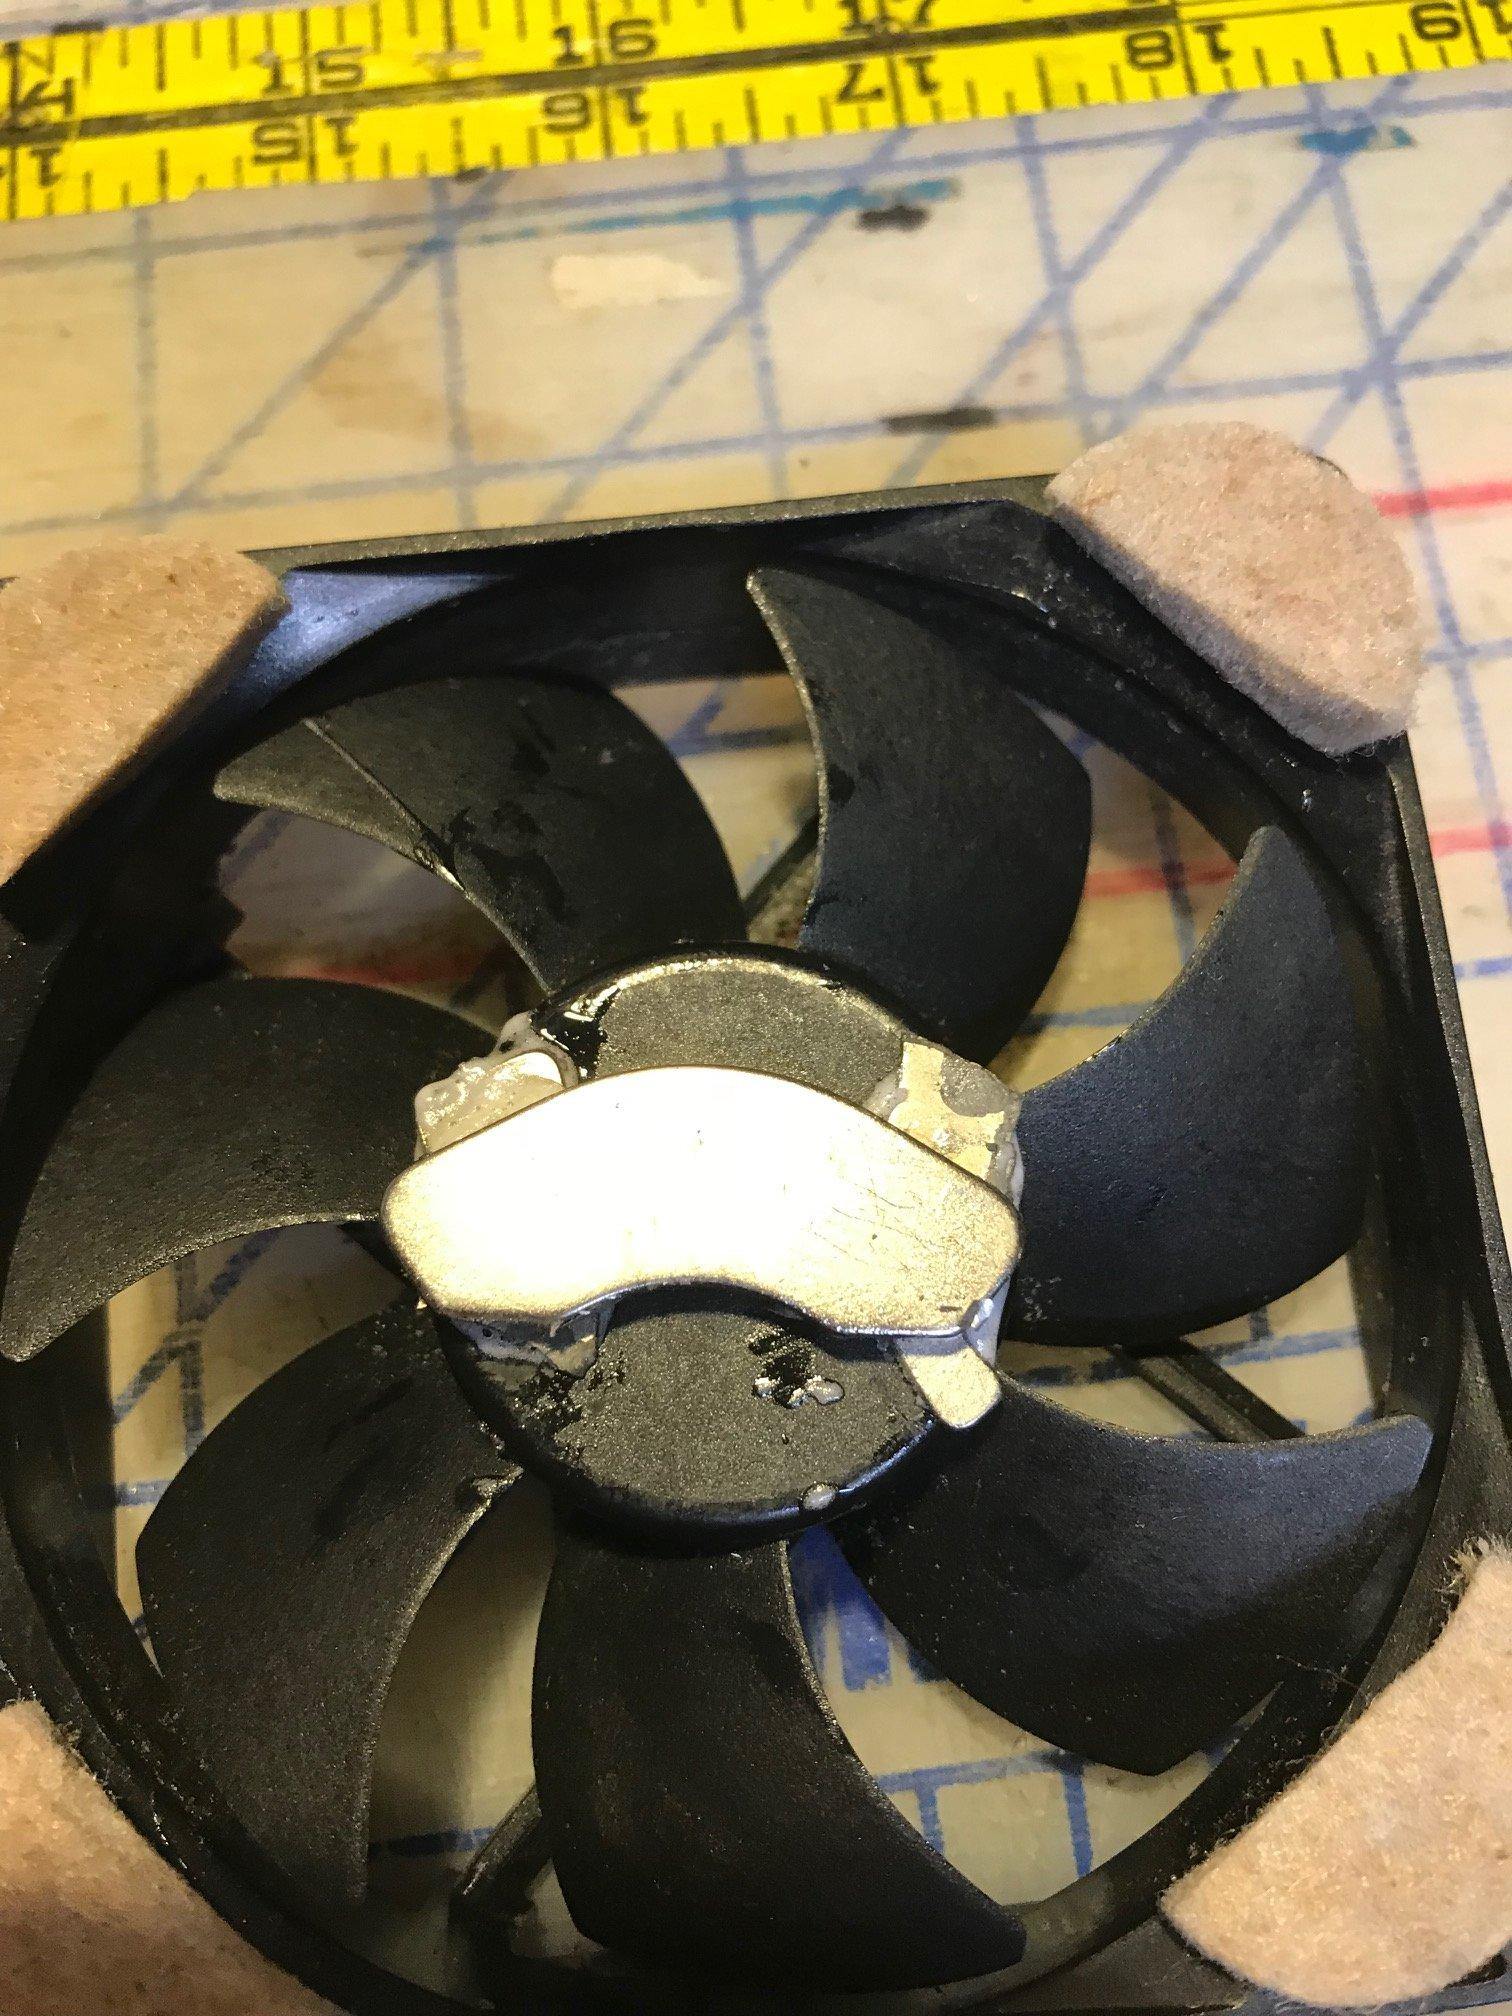 Magnet on fan IMG_0750.jpg